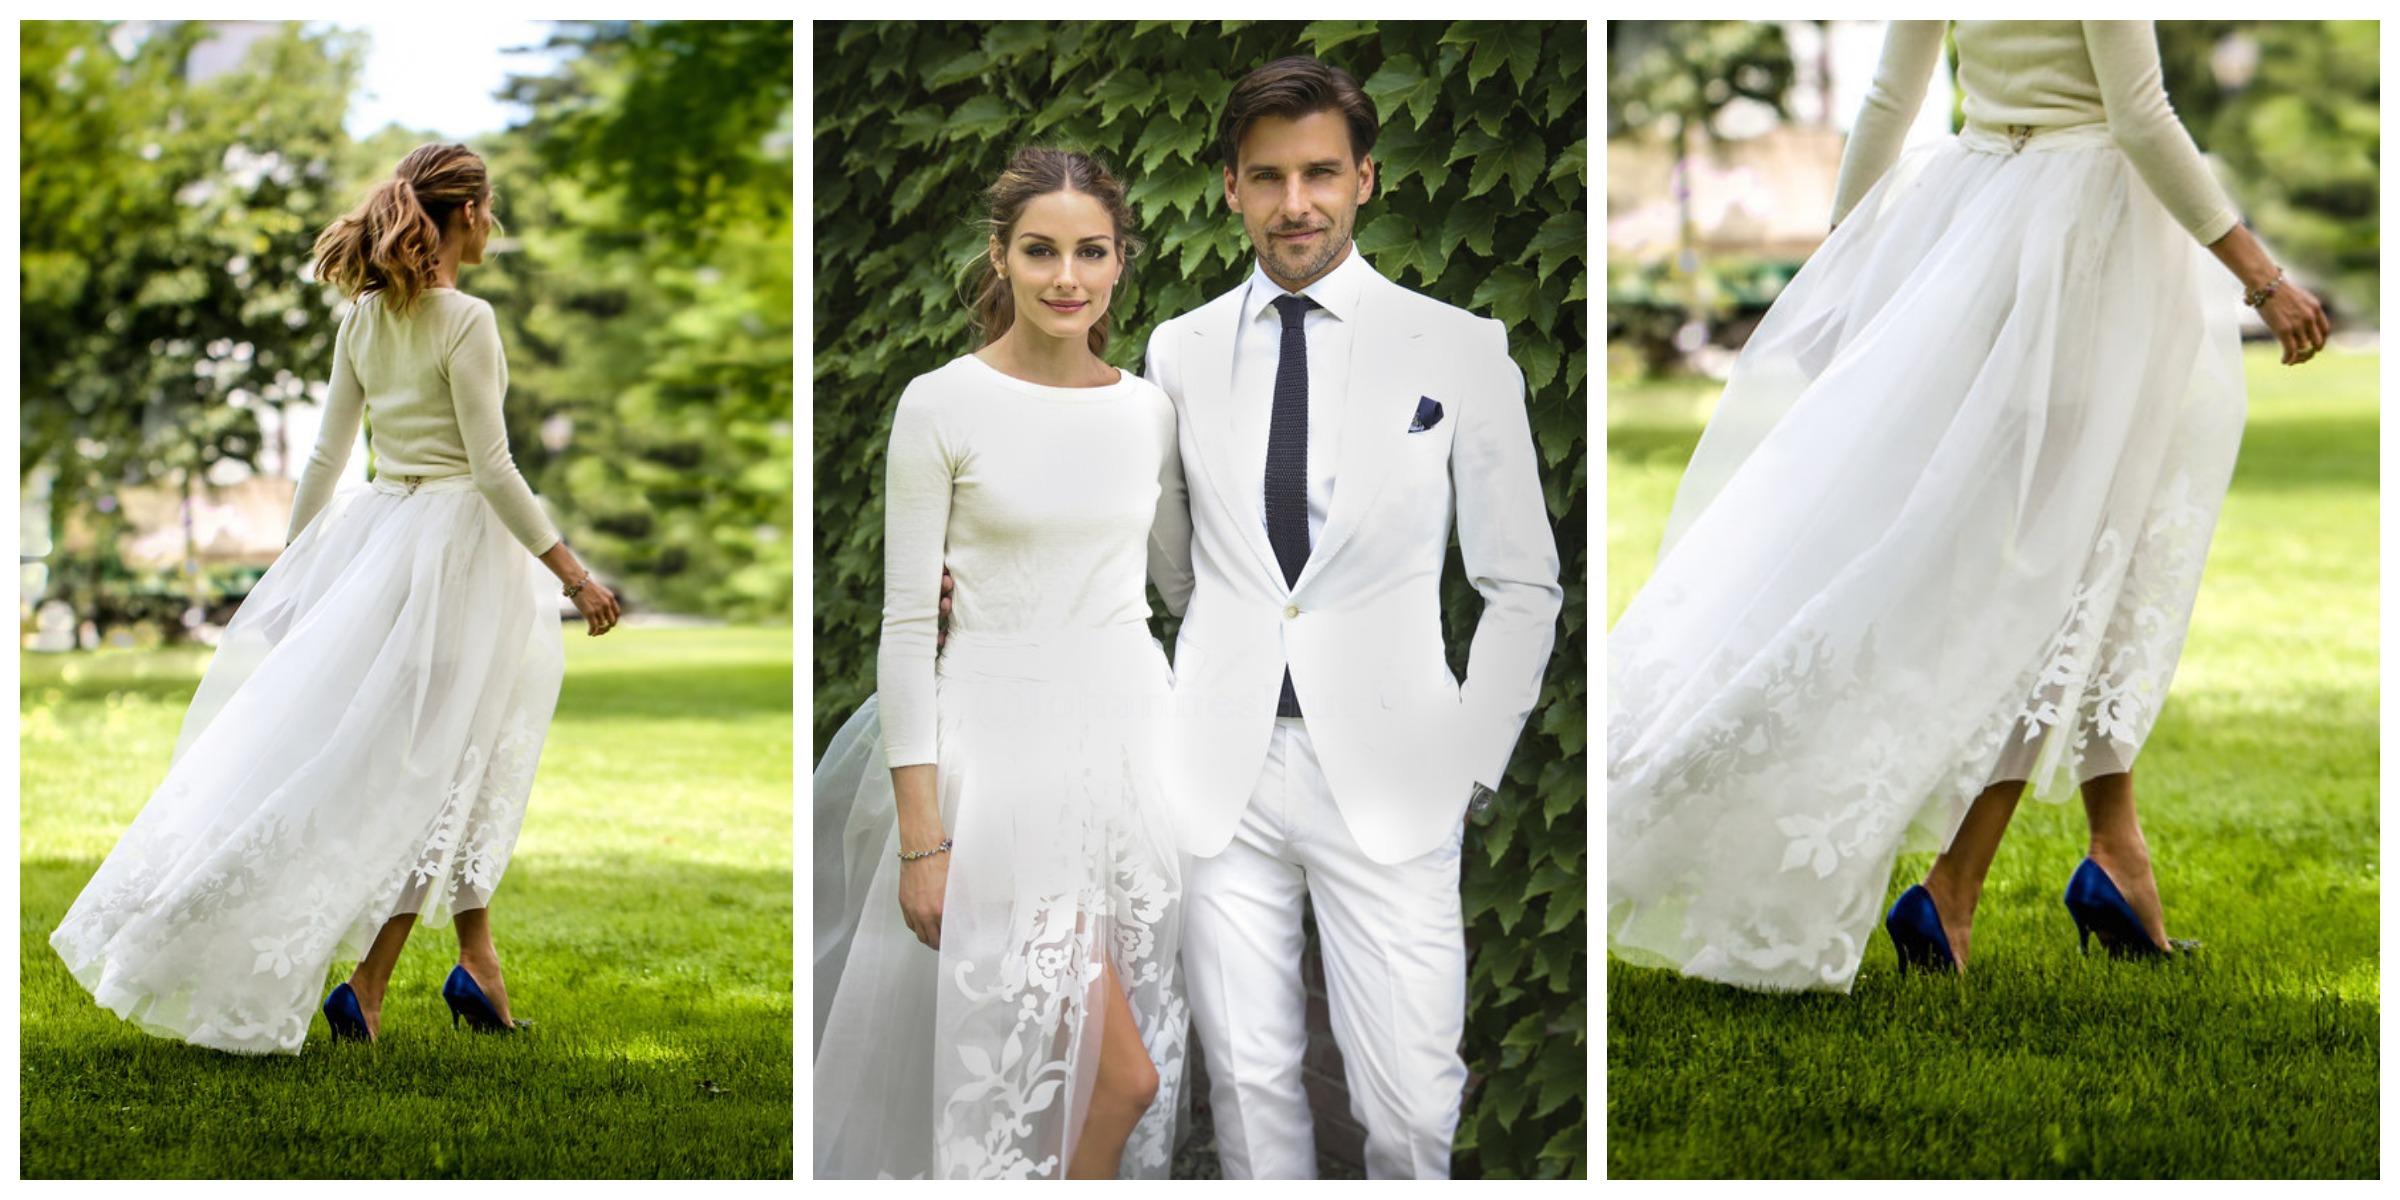 Olivia Palermo Wedding.Collage So Sue Me